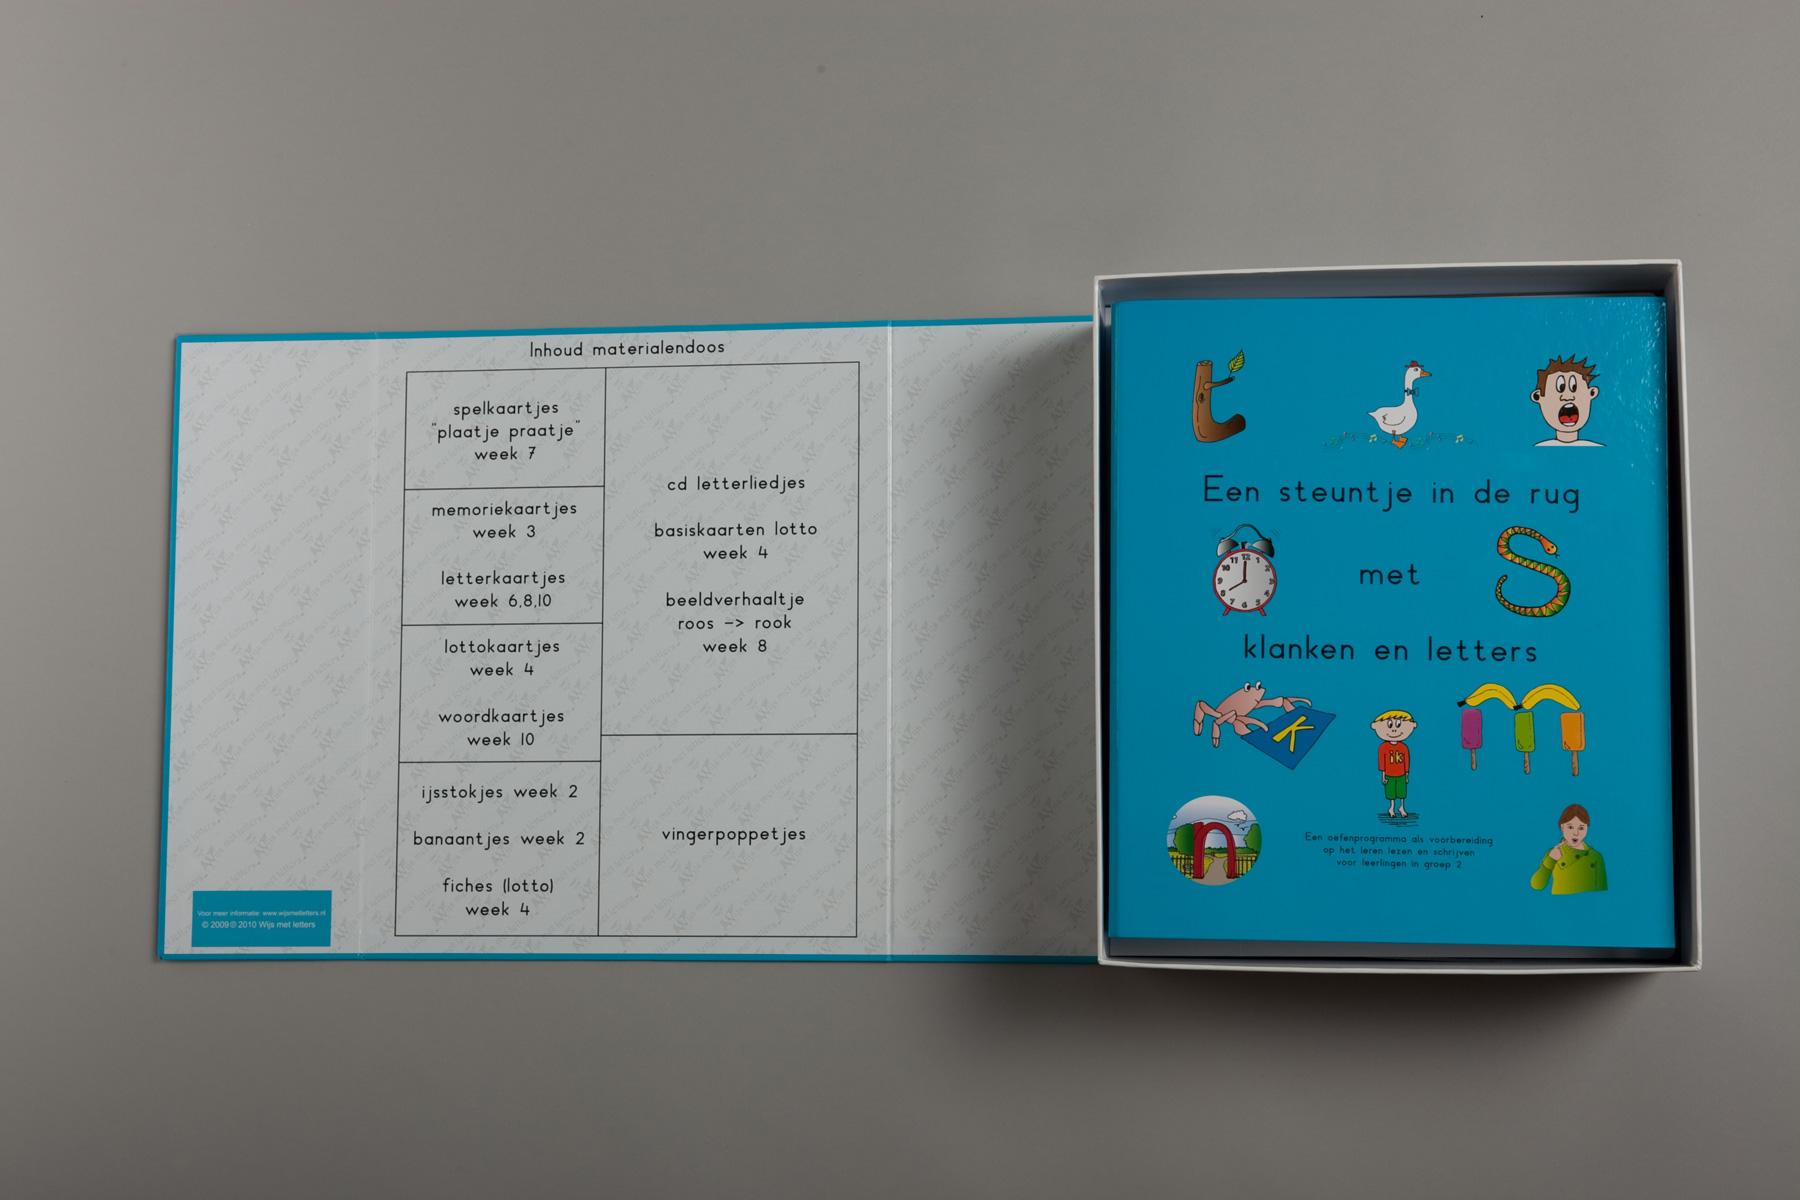 Spel 'Wijzer met klanken en letters'